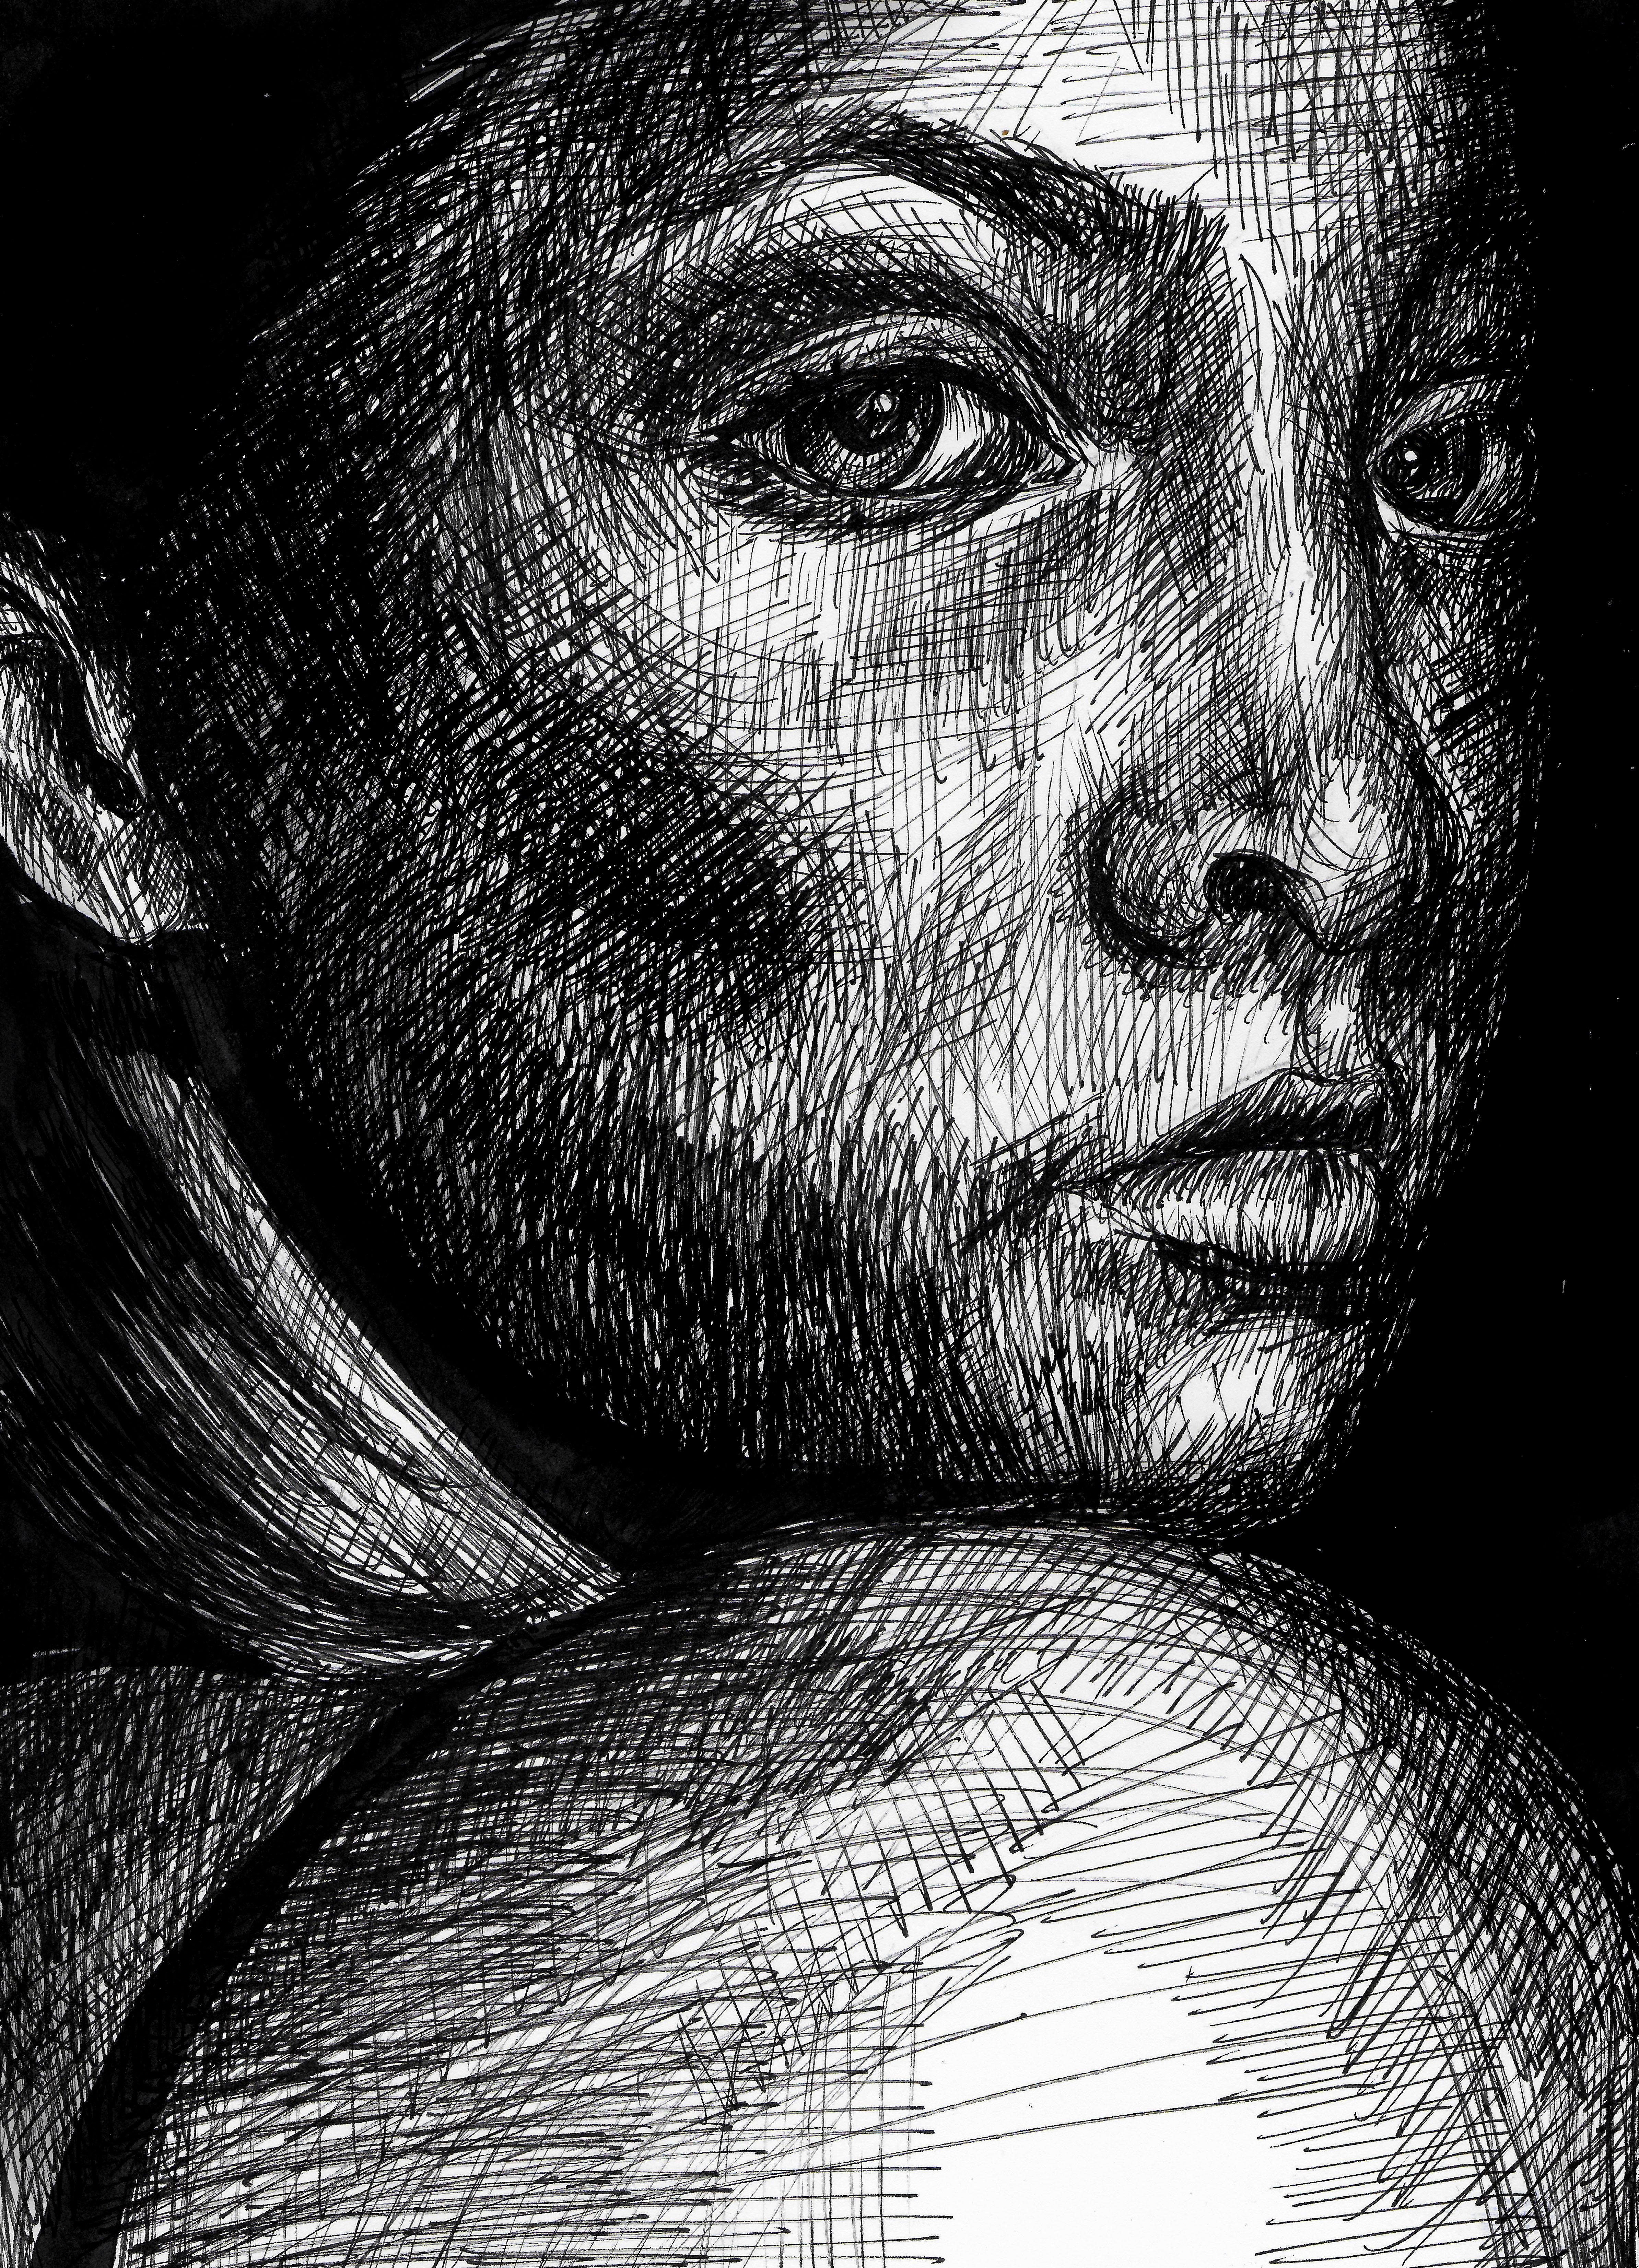 portrait looking behind